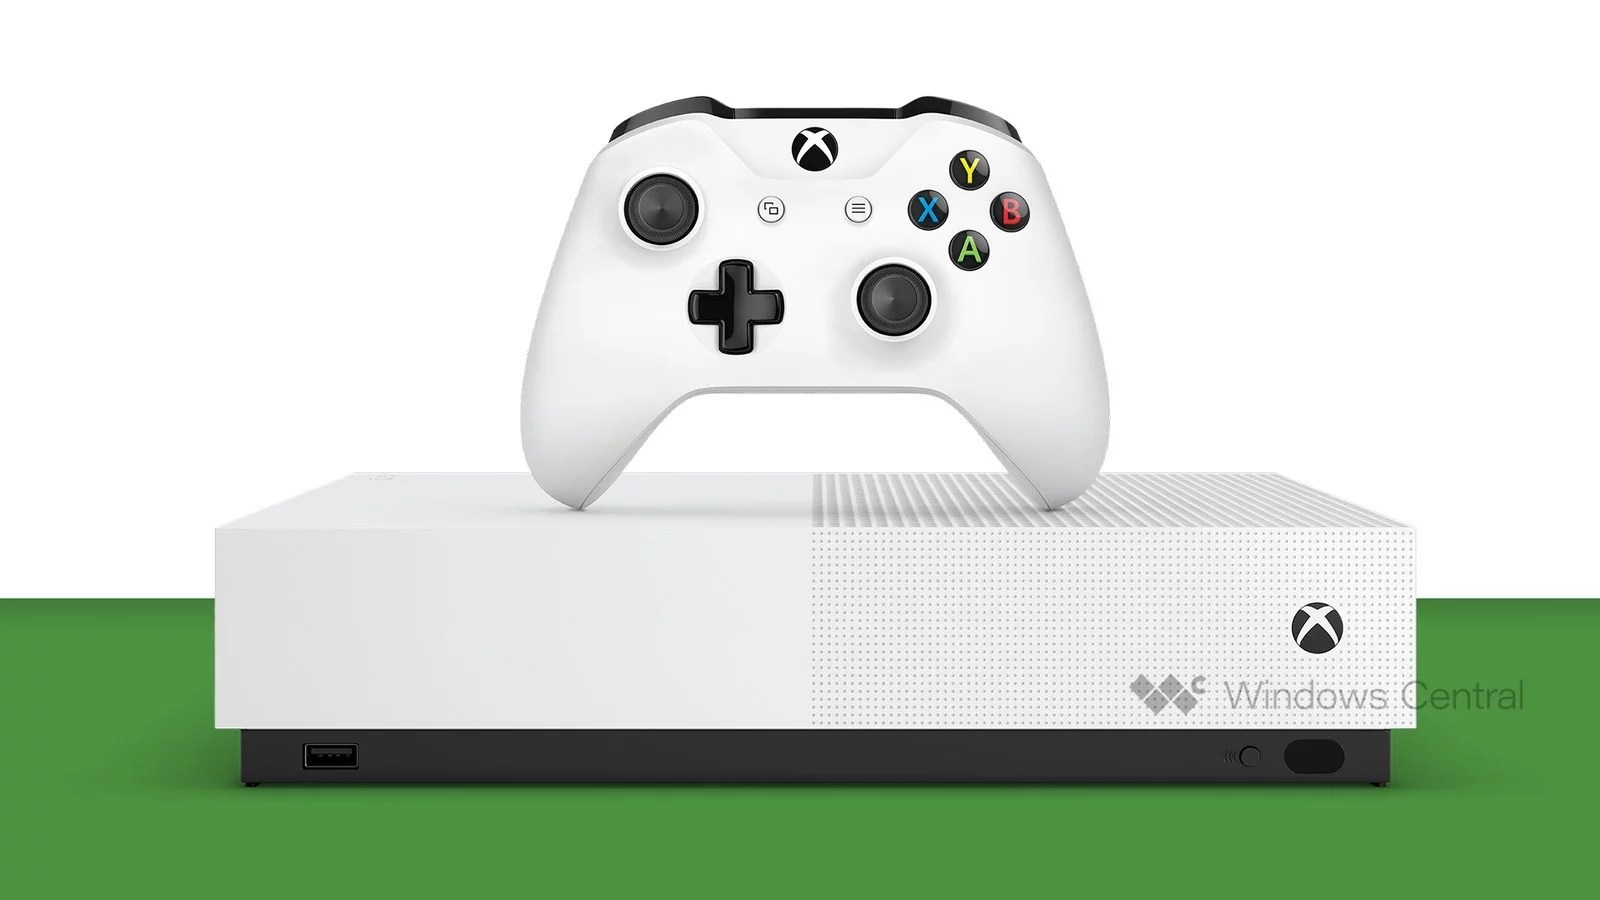 Xbox One S All-Digital Edition : voici la console de Microsoft prête pour le cloud gaming